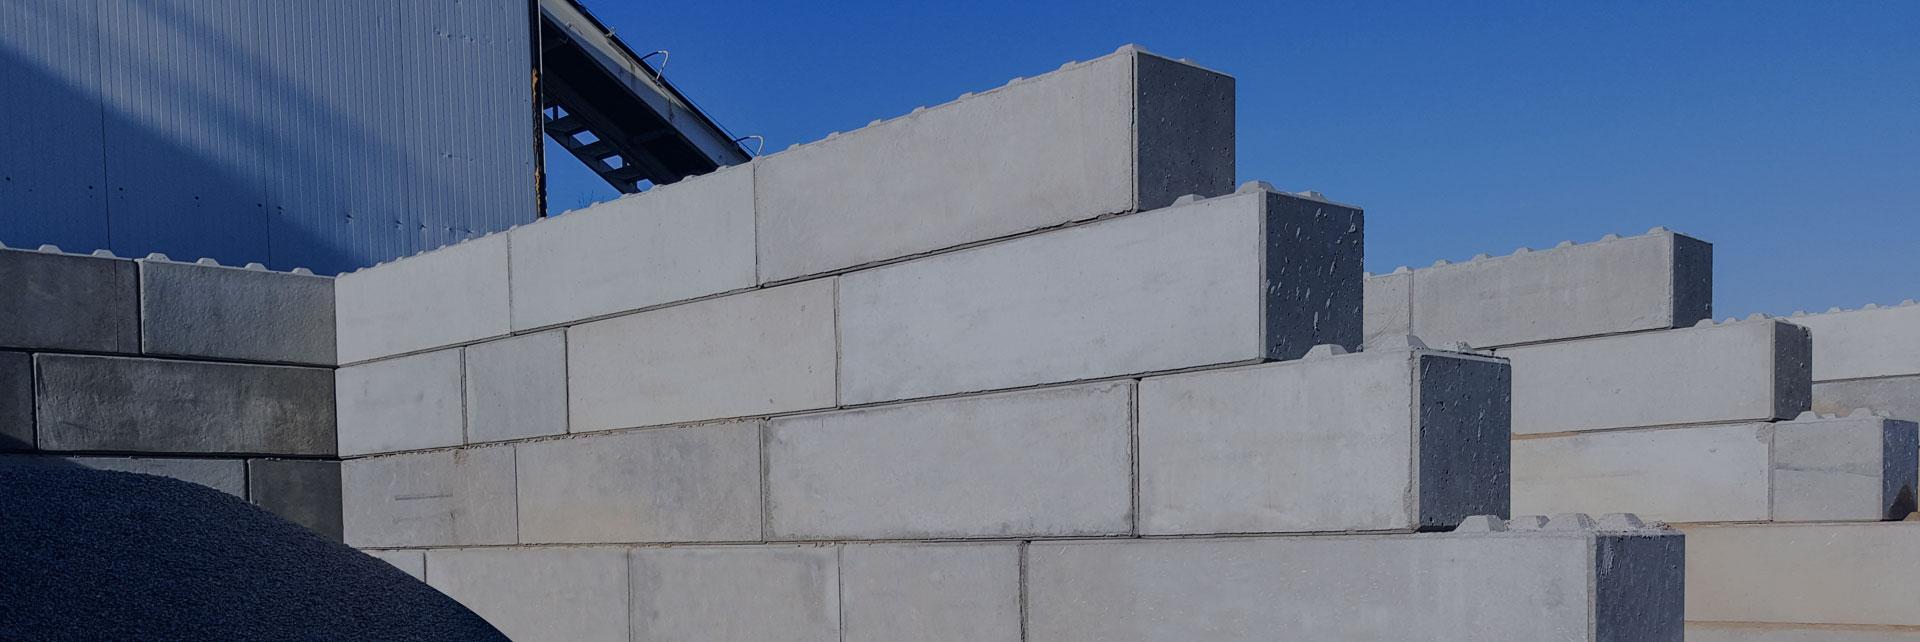 Kolocki w wersji betonowej – 5 zalet beton bloków dla każdej inwestycji